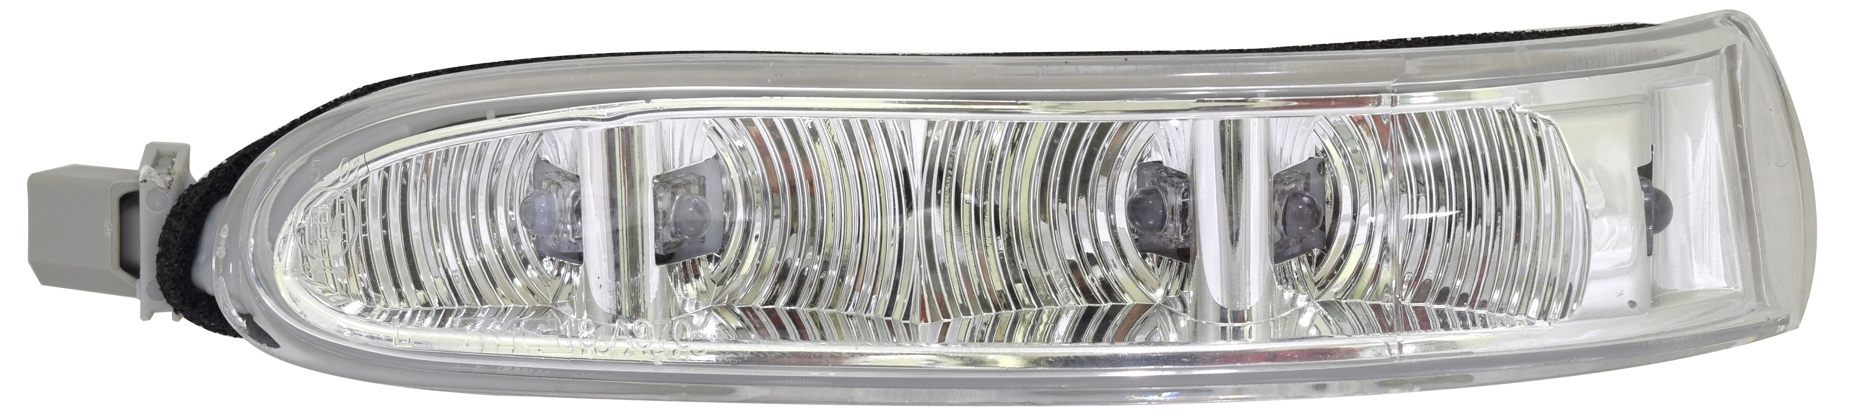 Spiegelblinker rechts für Mercedes CLK A209 C209 SL R230 V W639 Spiegel Blinker